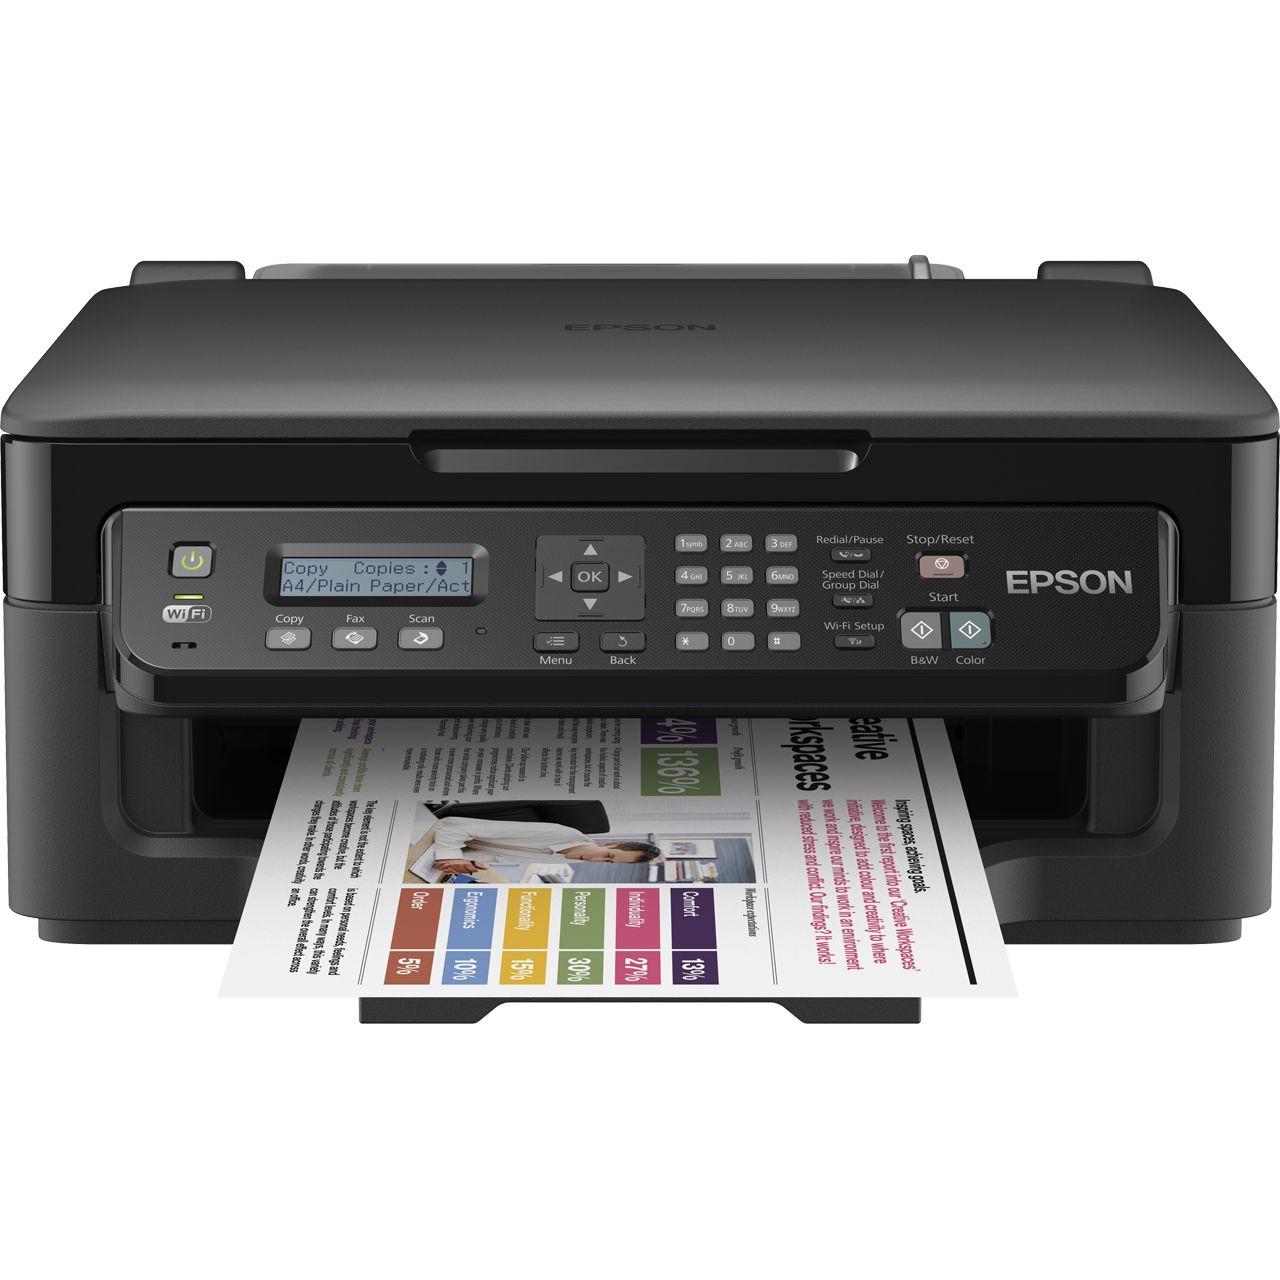 Epson WorkForce WF-2510WF Tinte Drucken/Scannen/Kopieren